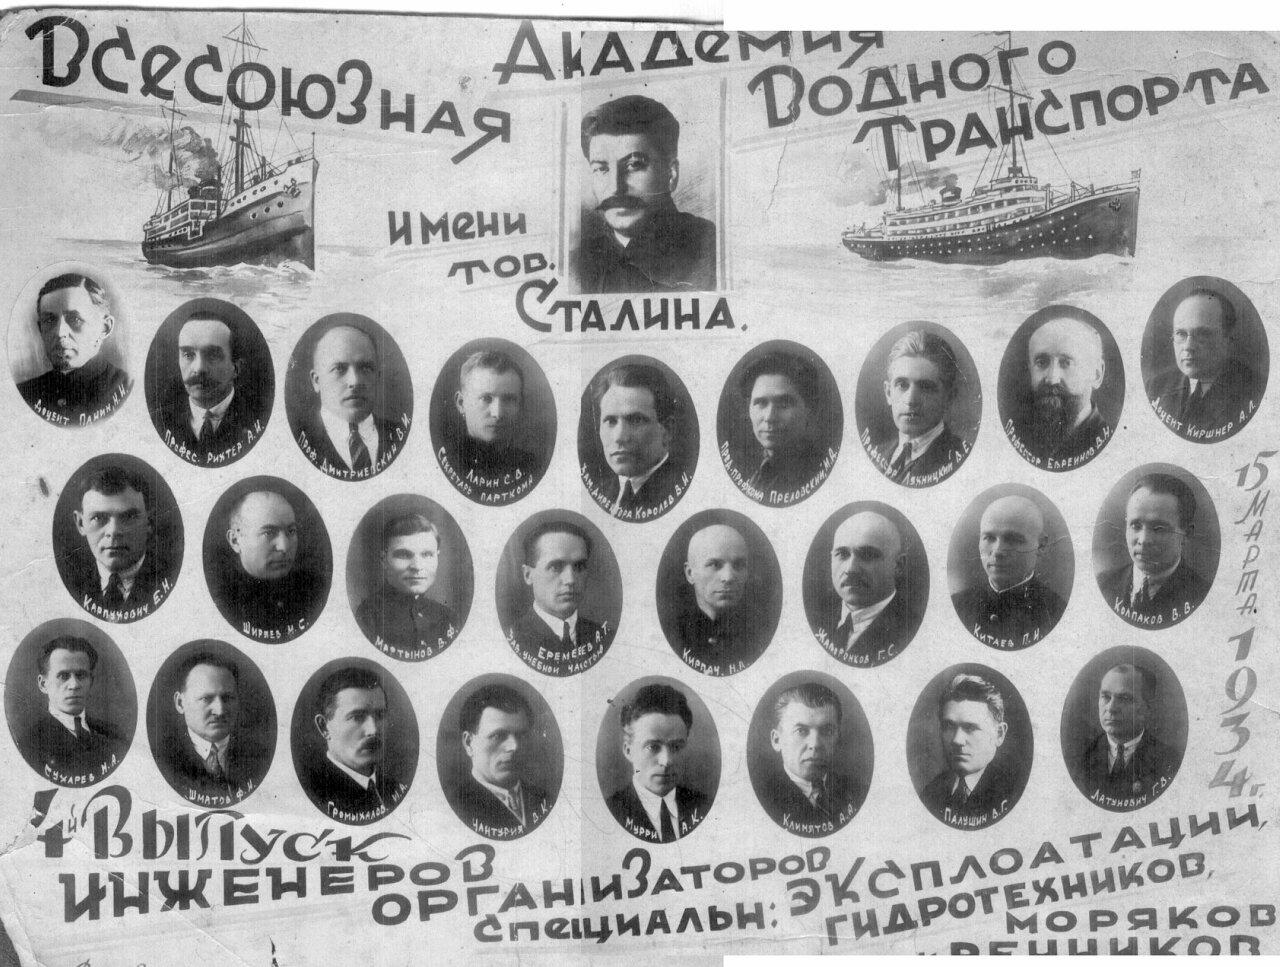 1934. 4 выпуск инженеров организаторов. Всесоюзная Академия Водного Транспорта